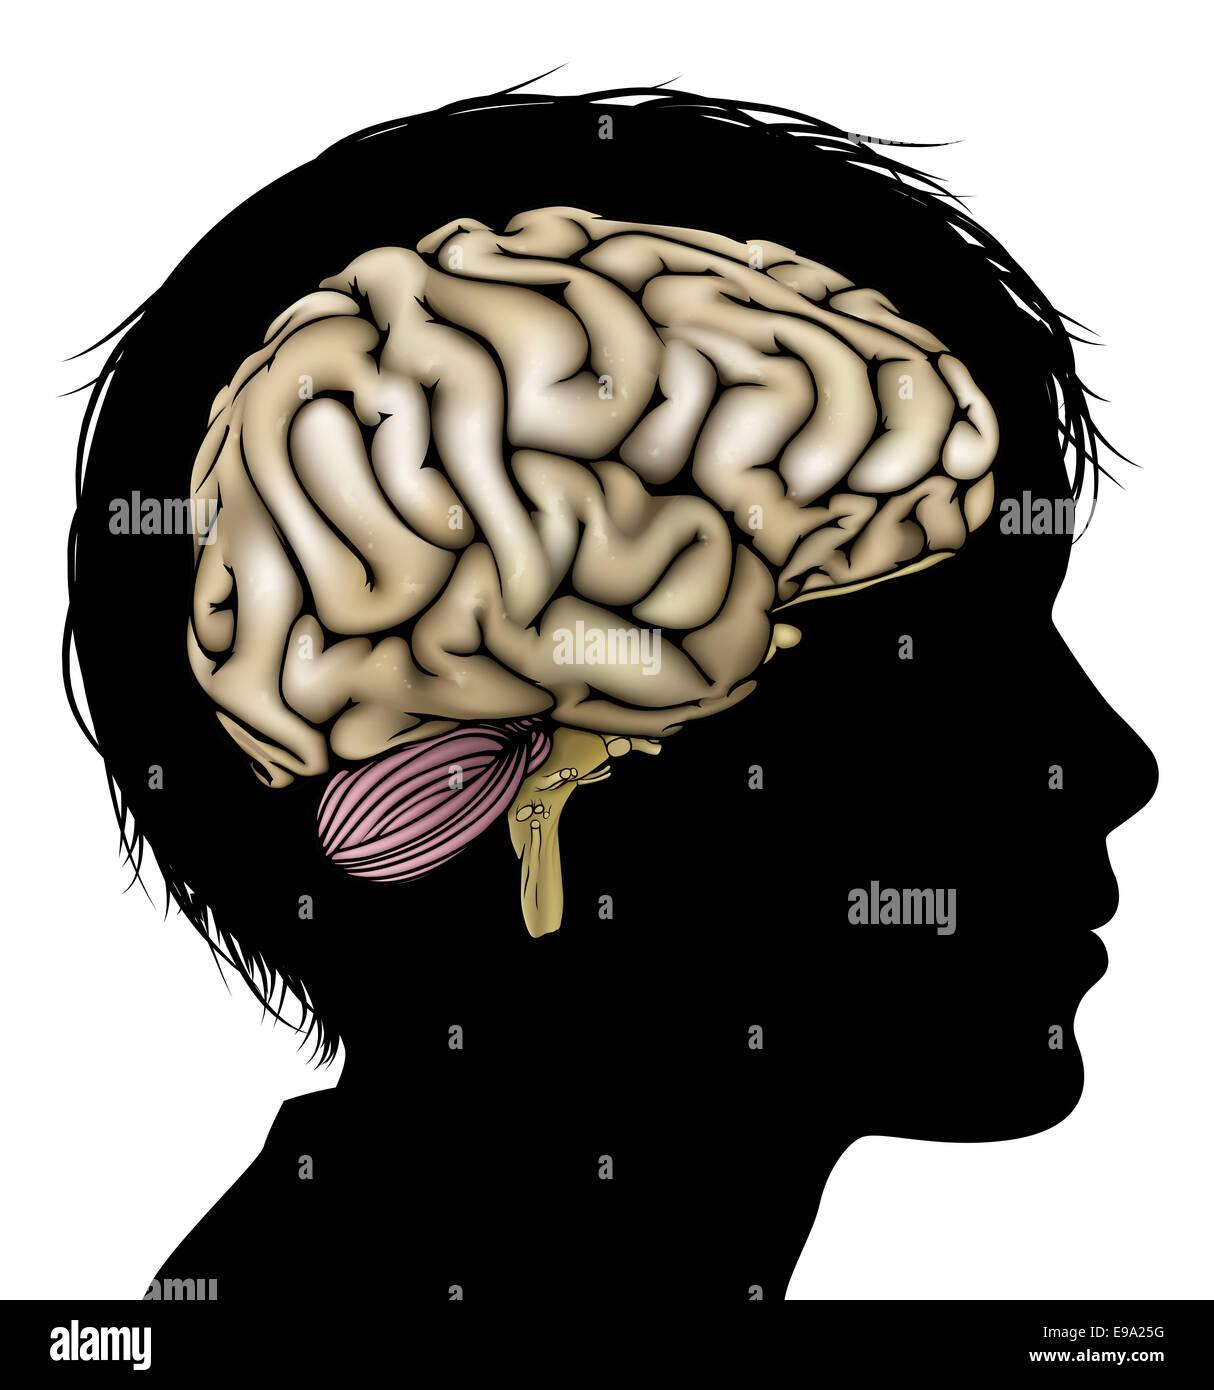 Ein Kinder-Kopf in Silhouette mit Gehirn. Konzept für geistige ...